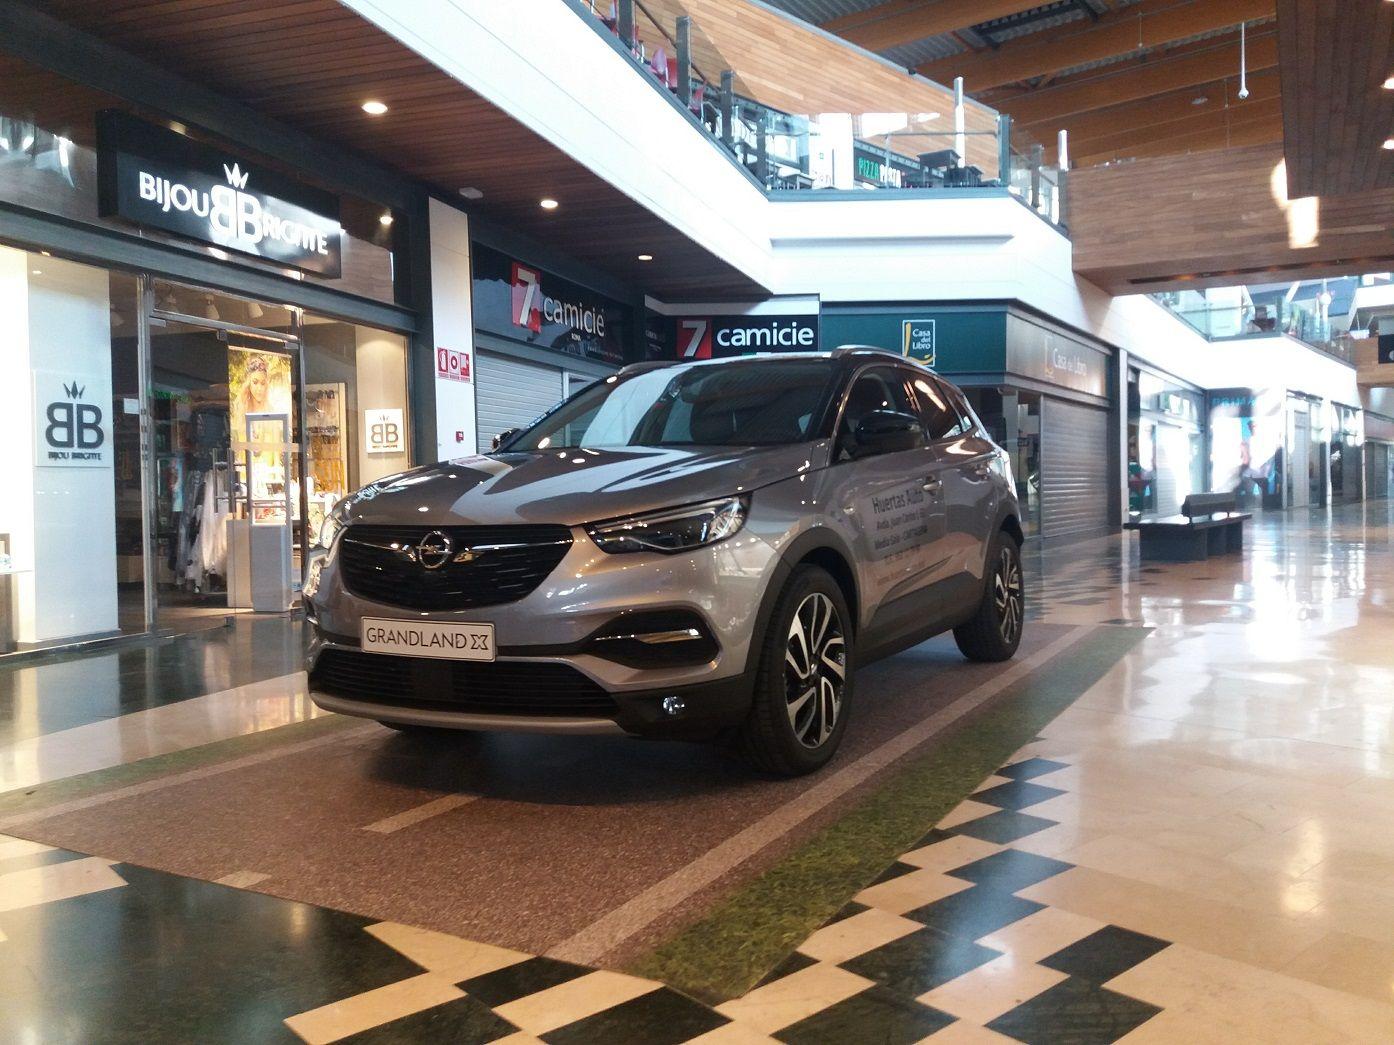 Huertas Auto acerca a sus clientes el nuevo Opel Grandland X.